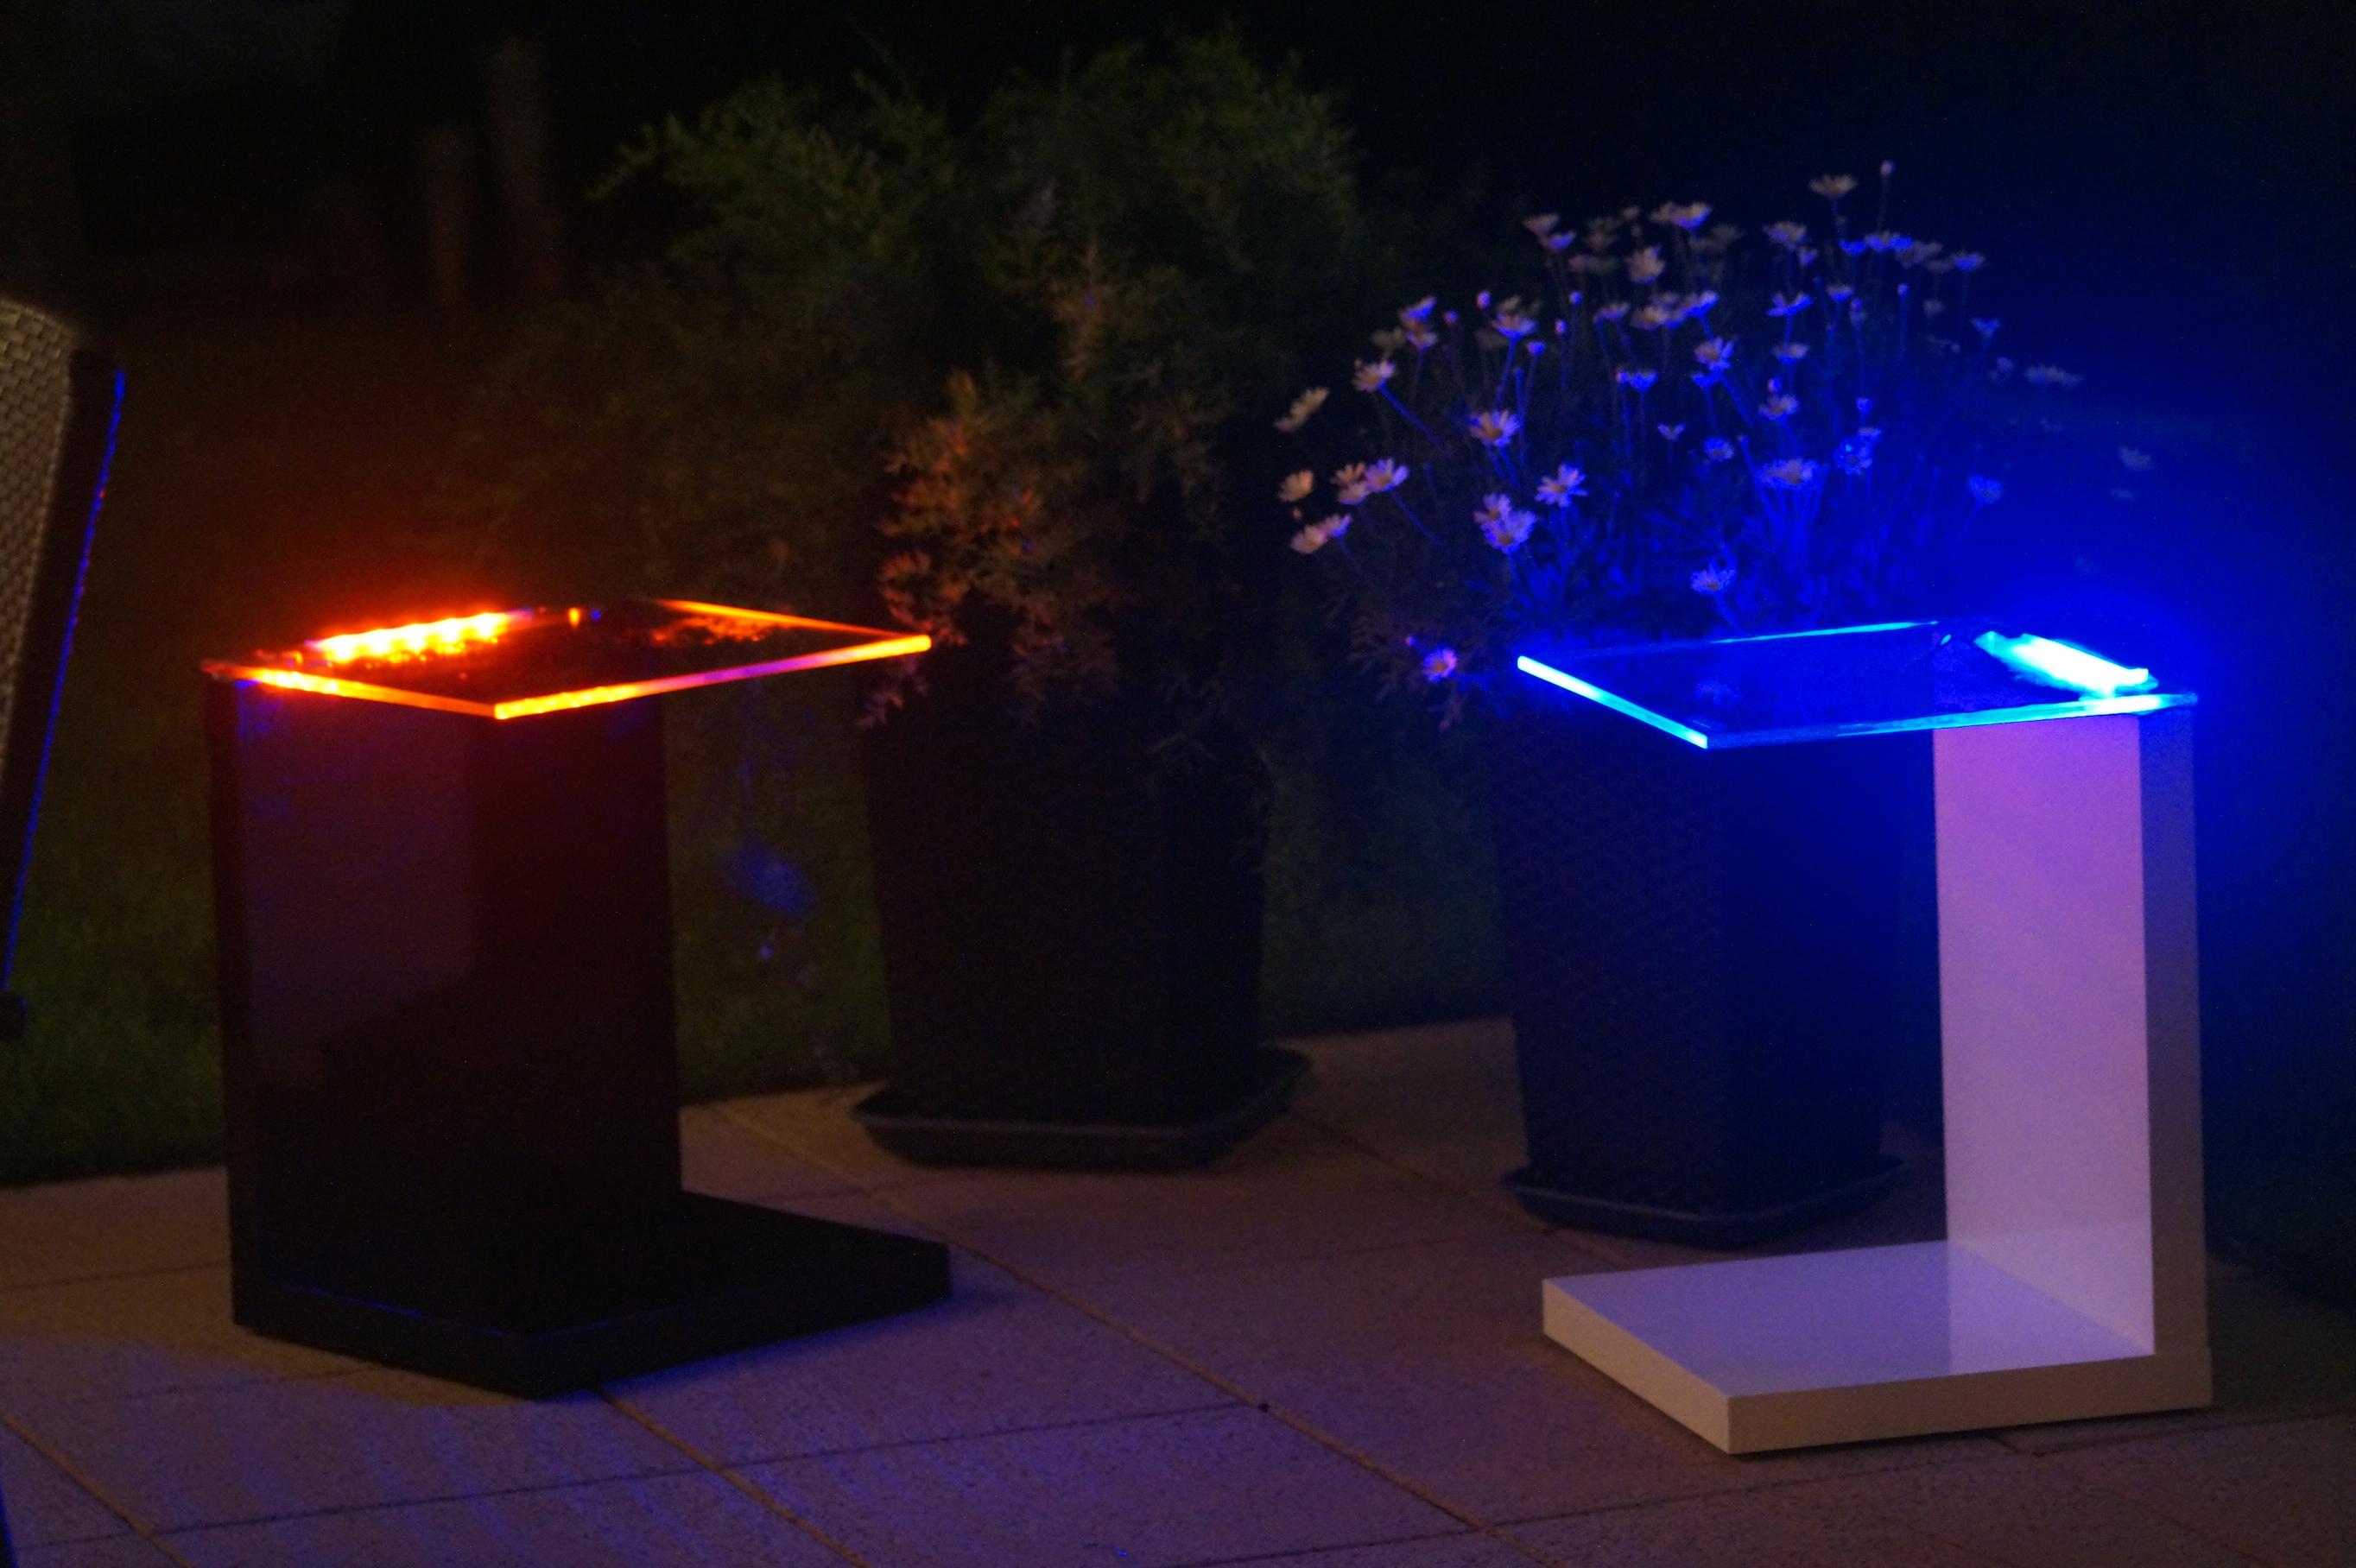 Kabellos beleuchteter led rgb tisch glastisch for Wohnzimmertisch led